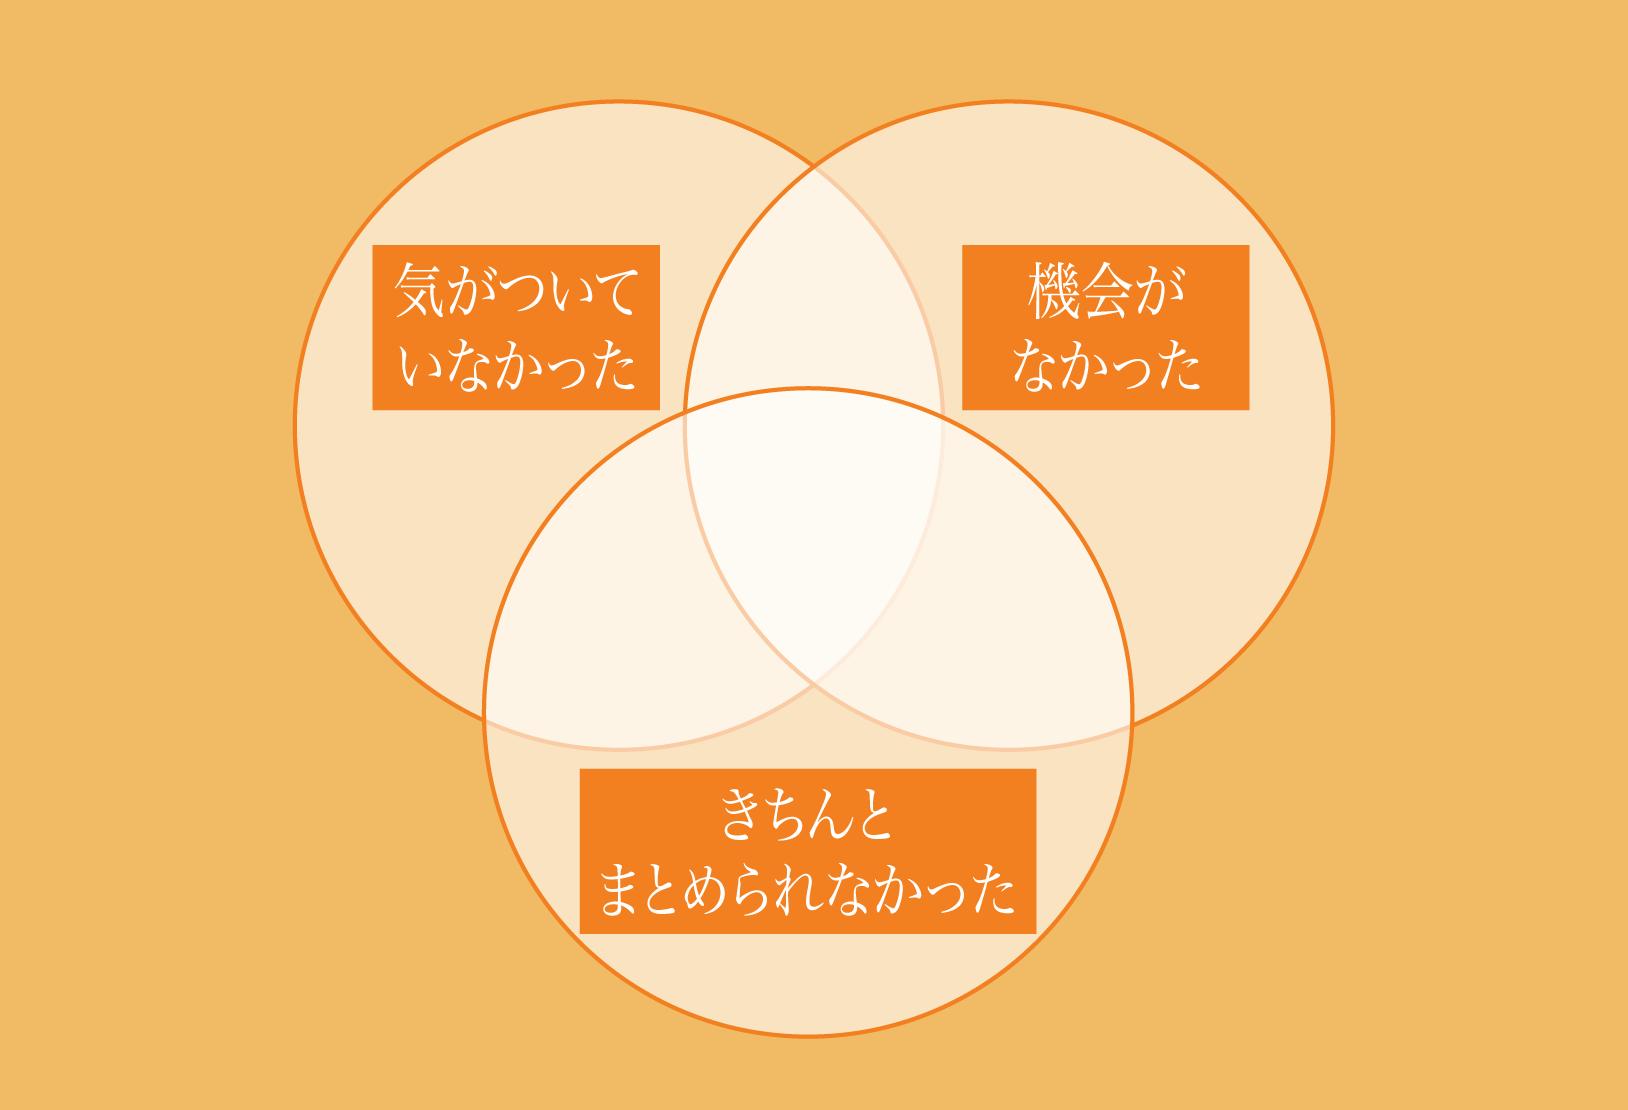 3tsunokiduki